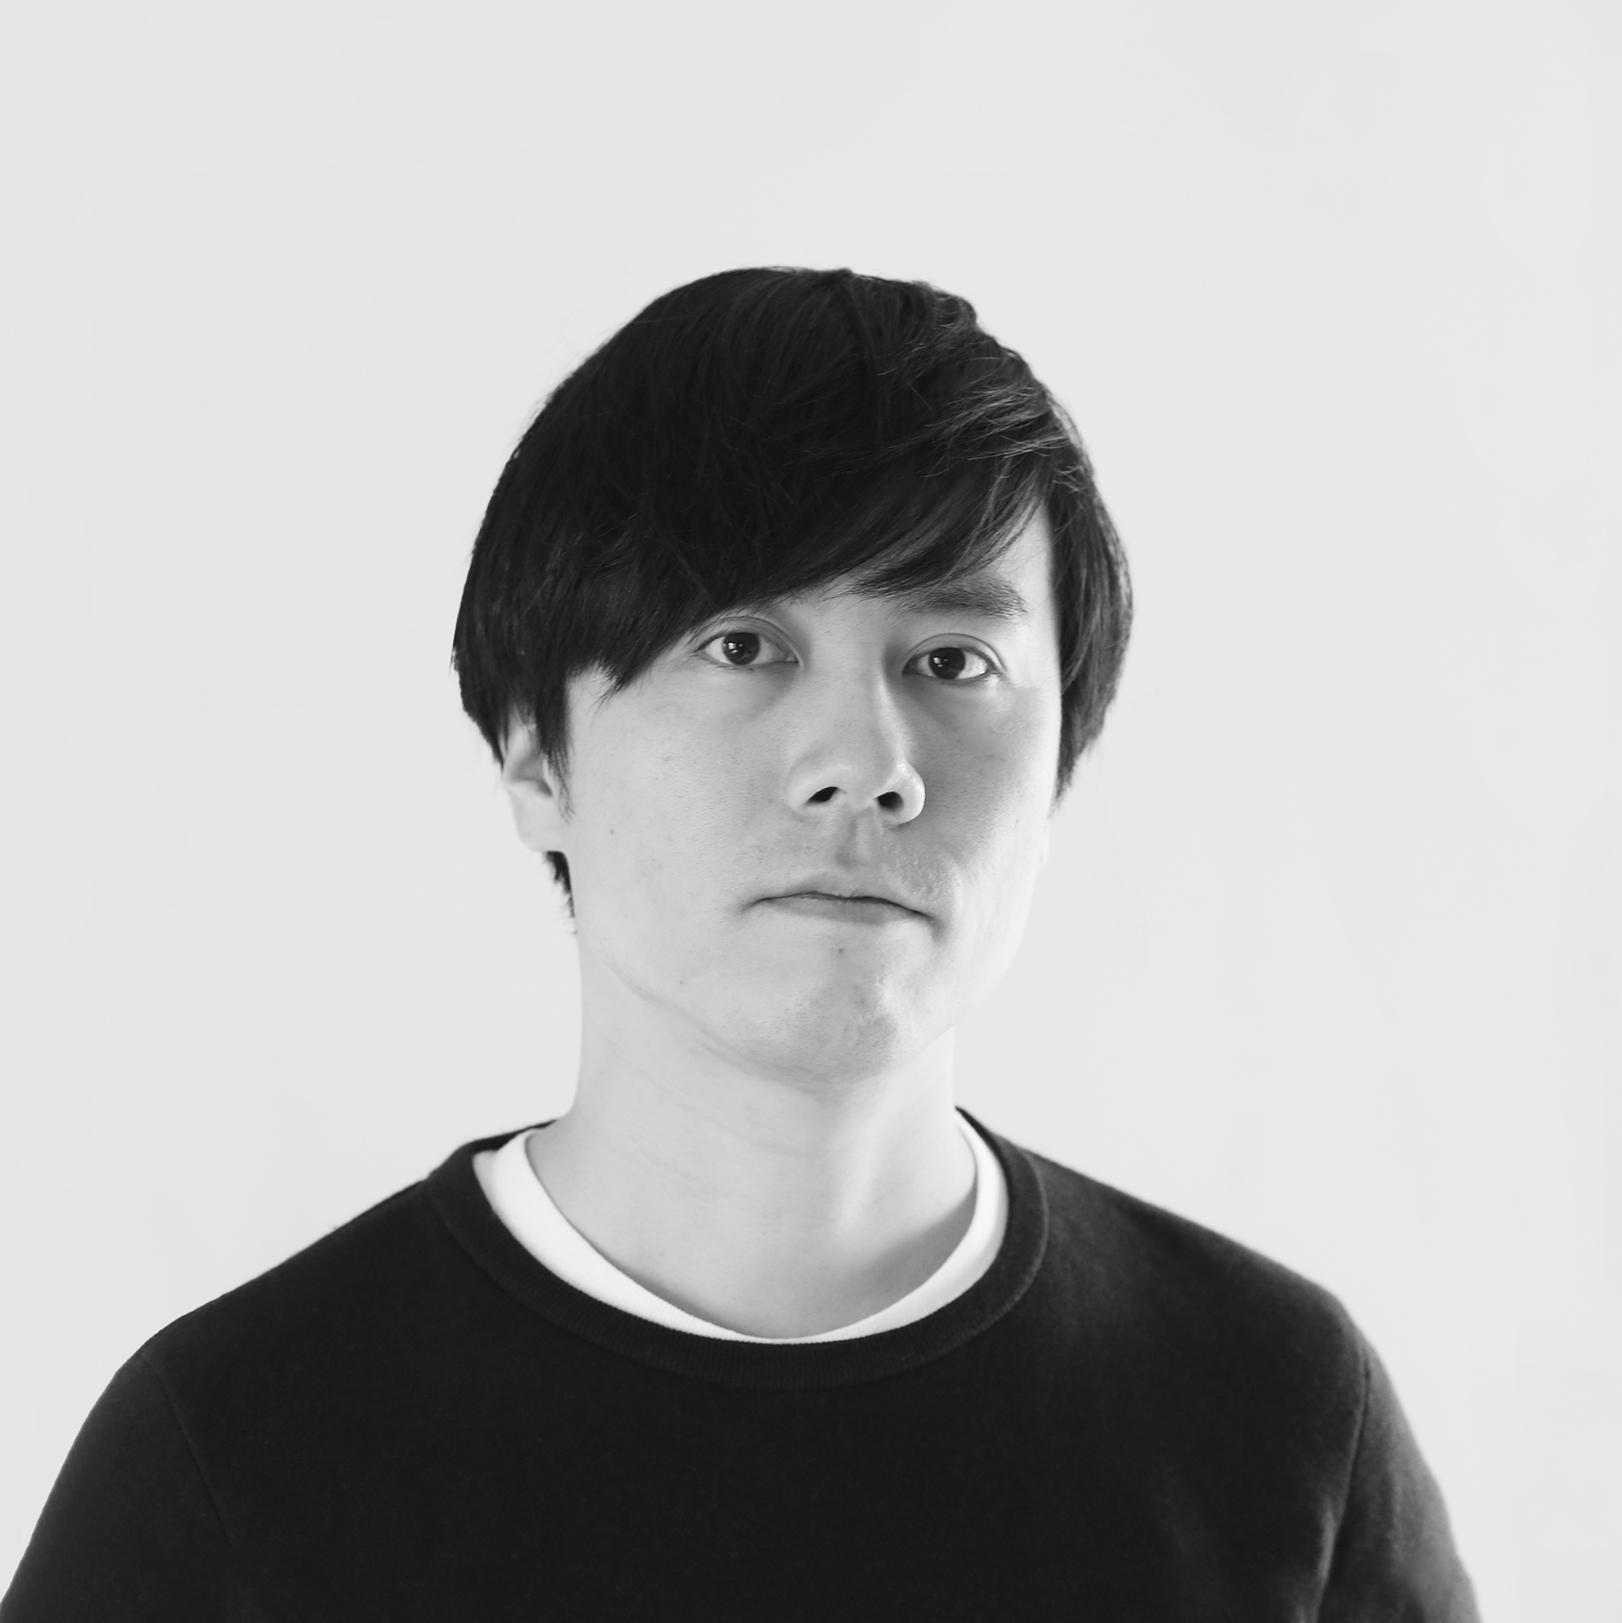 murakami_portrait.jpg